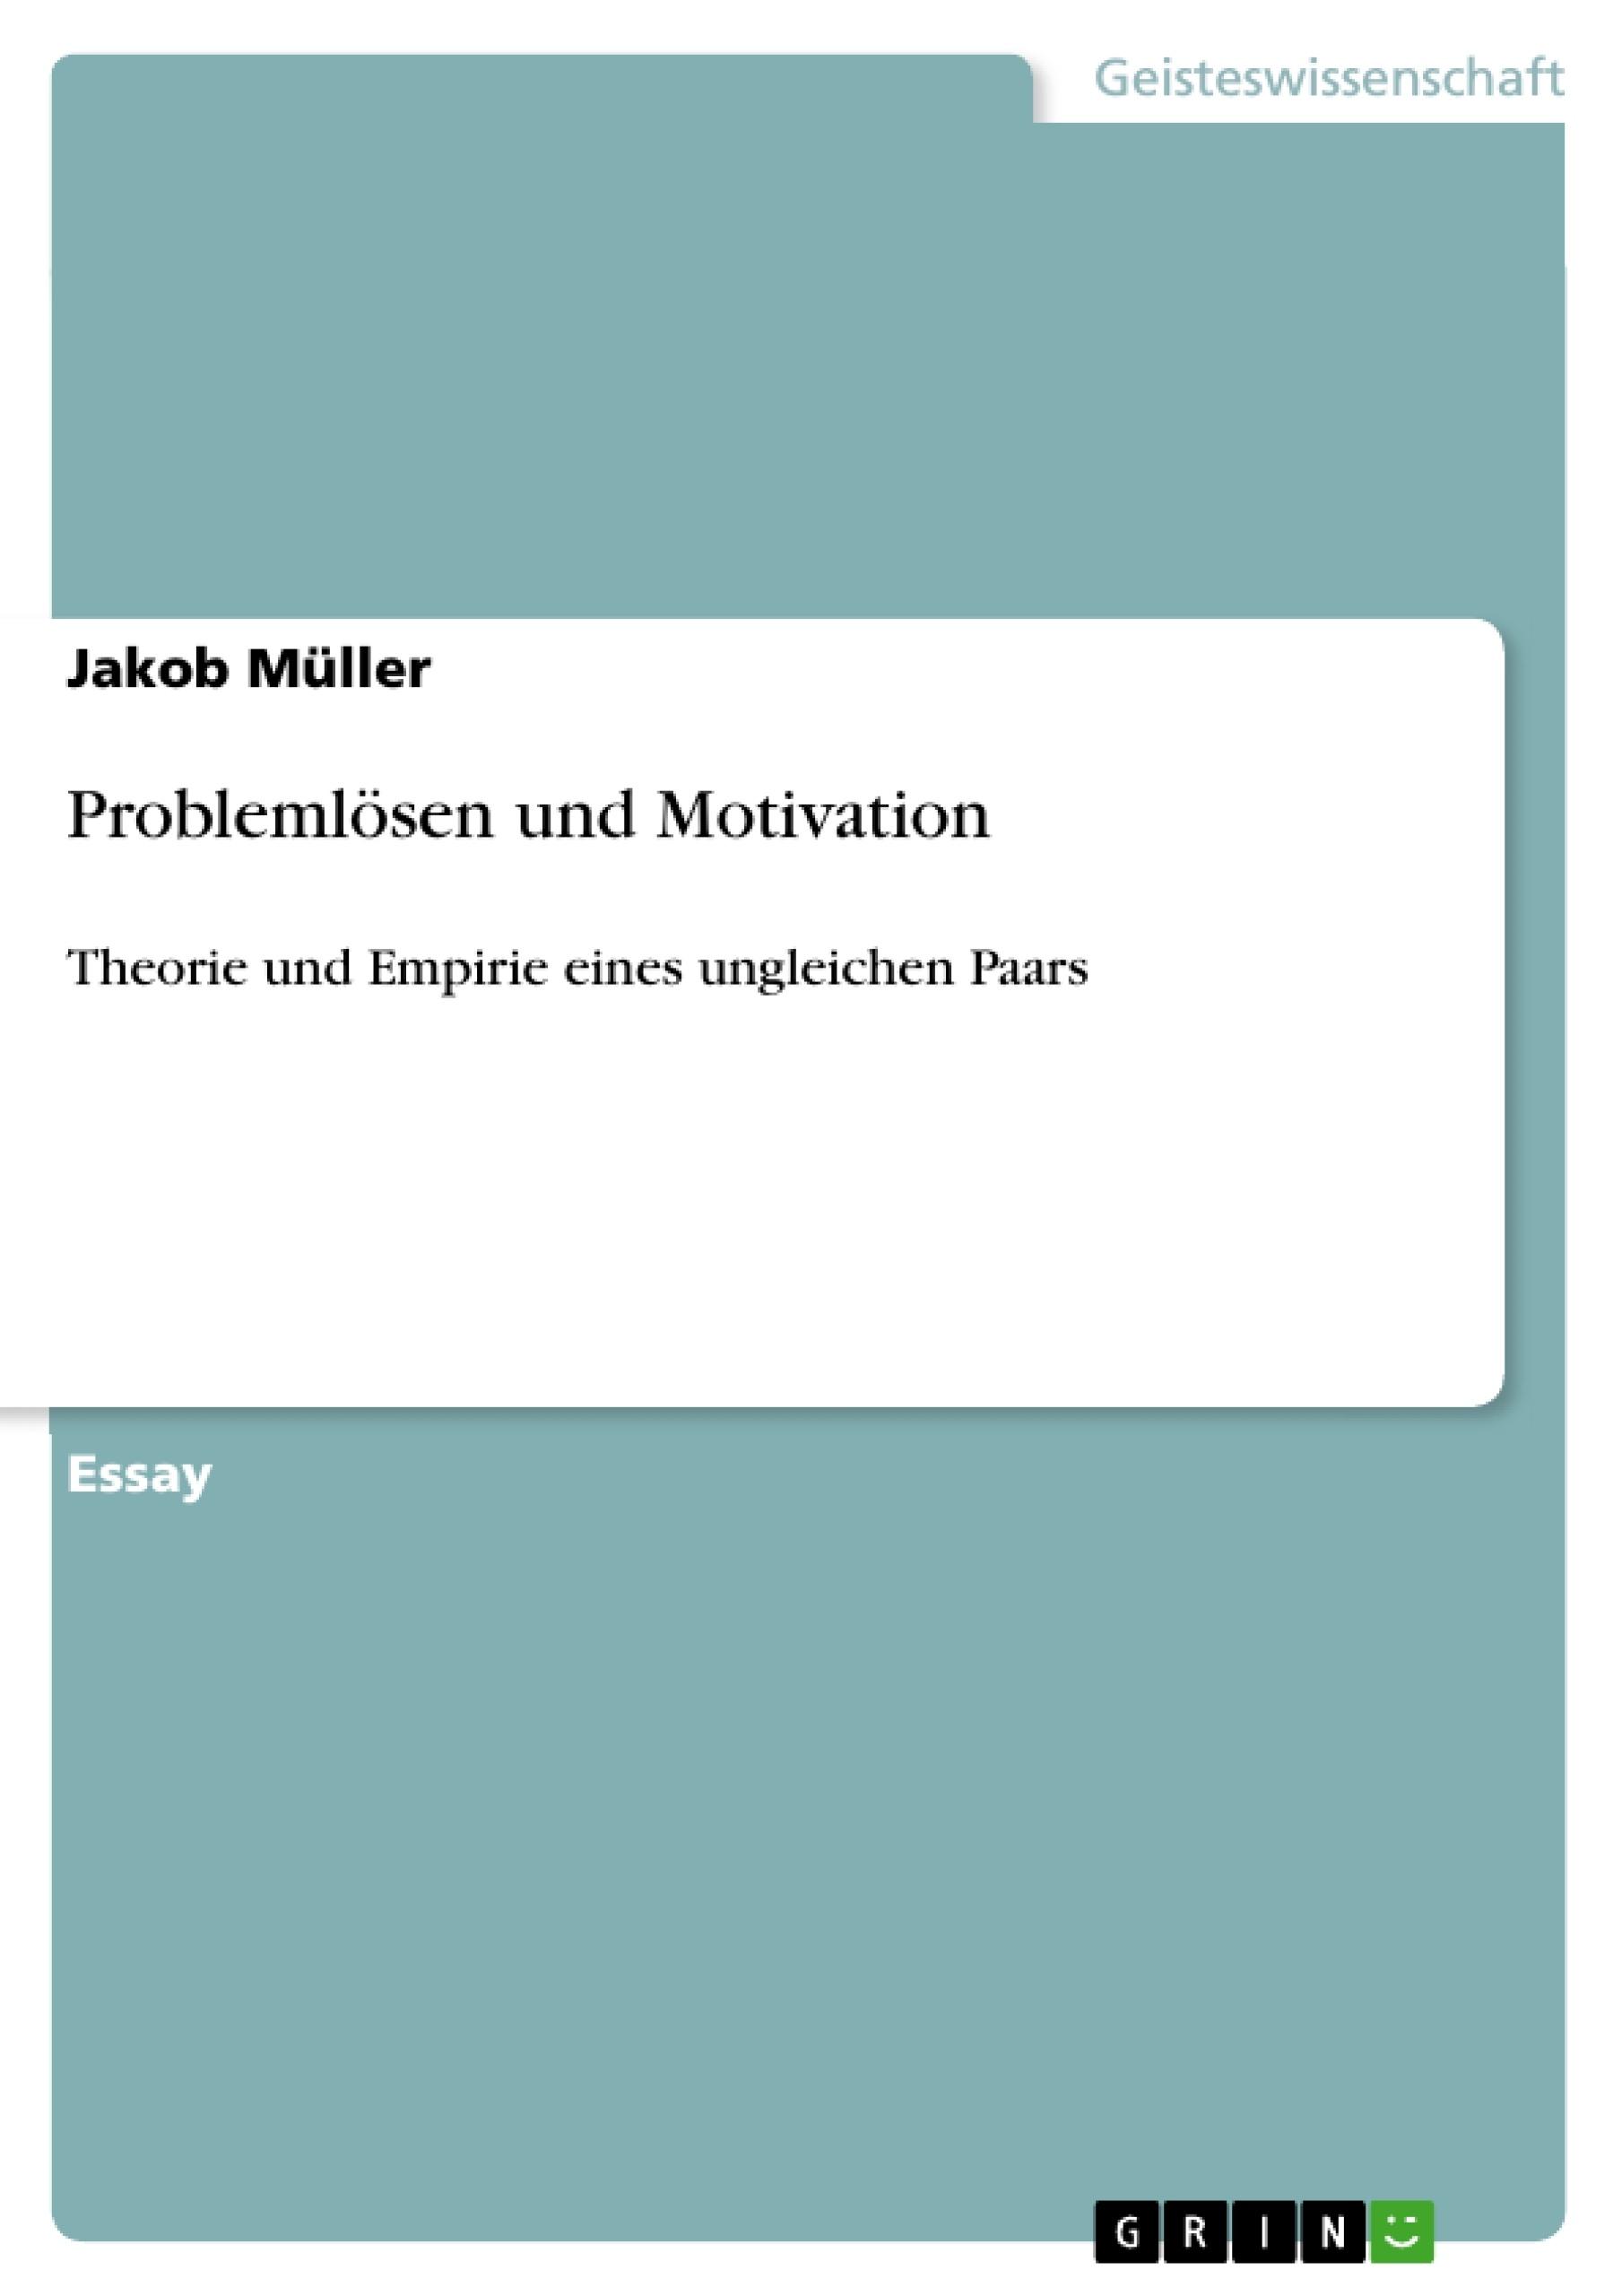 Titel: Problemlösen und Motivation